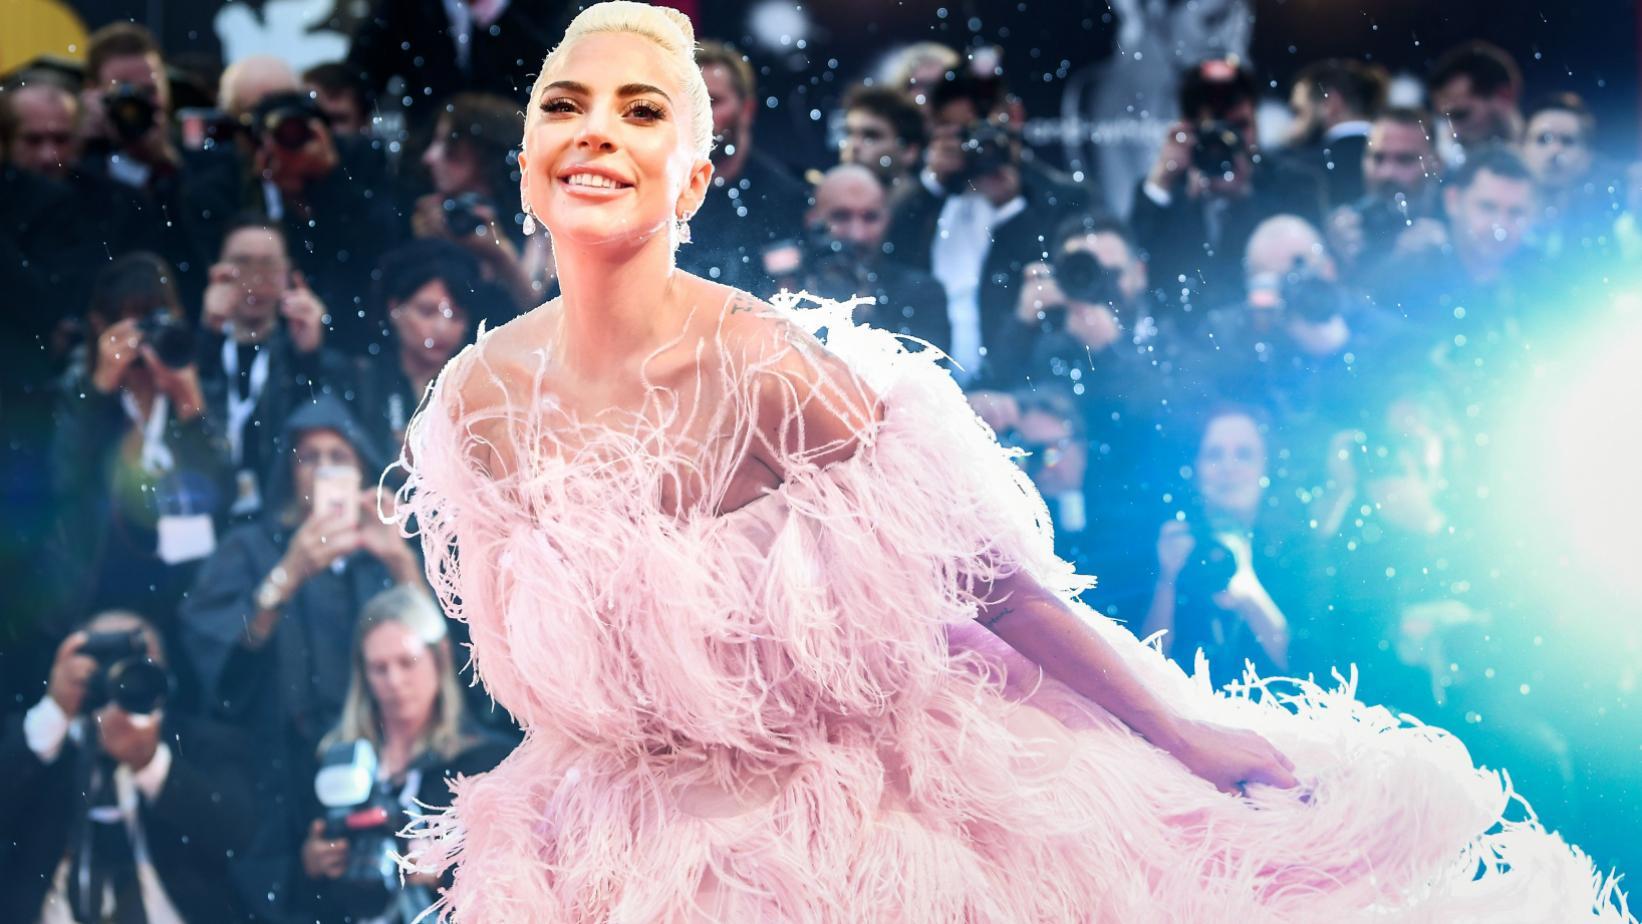 35-vjetori i lindjes, Lady Gaga merr super dhuratën nga i dashuri